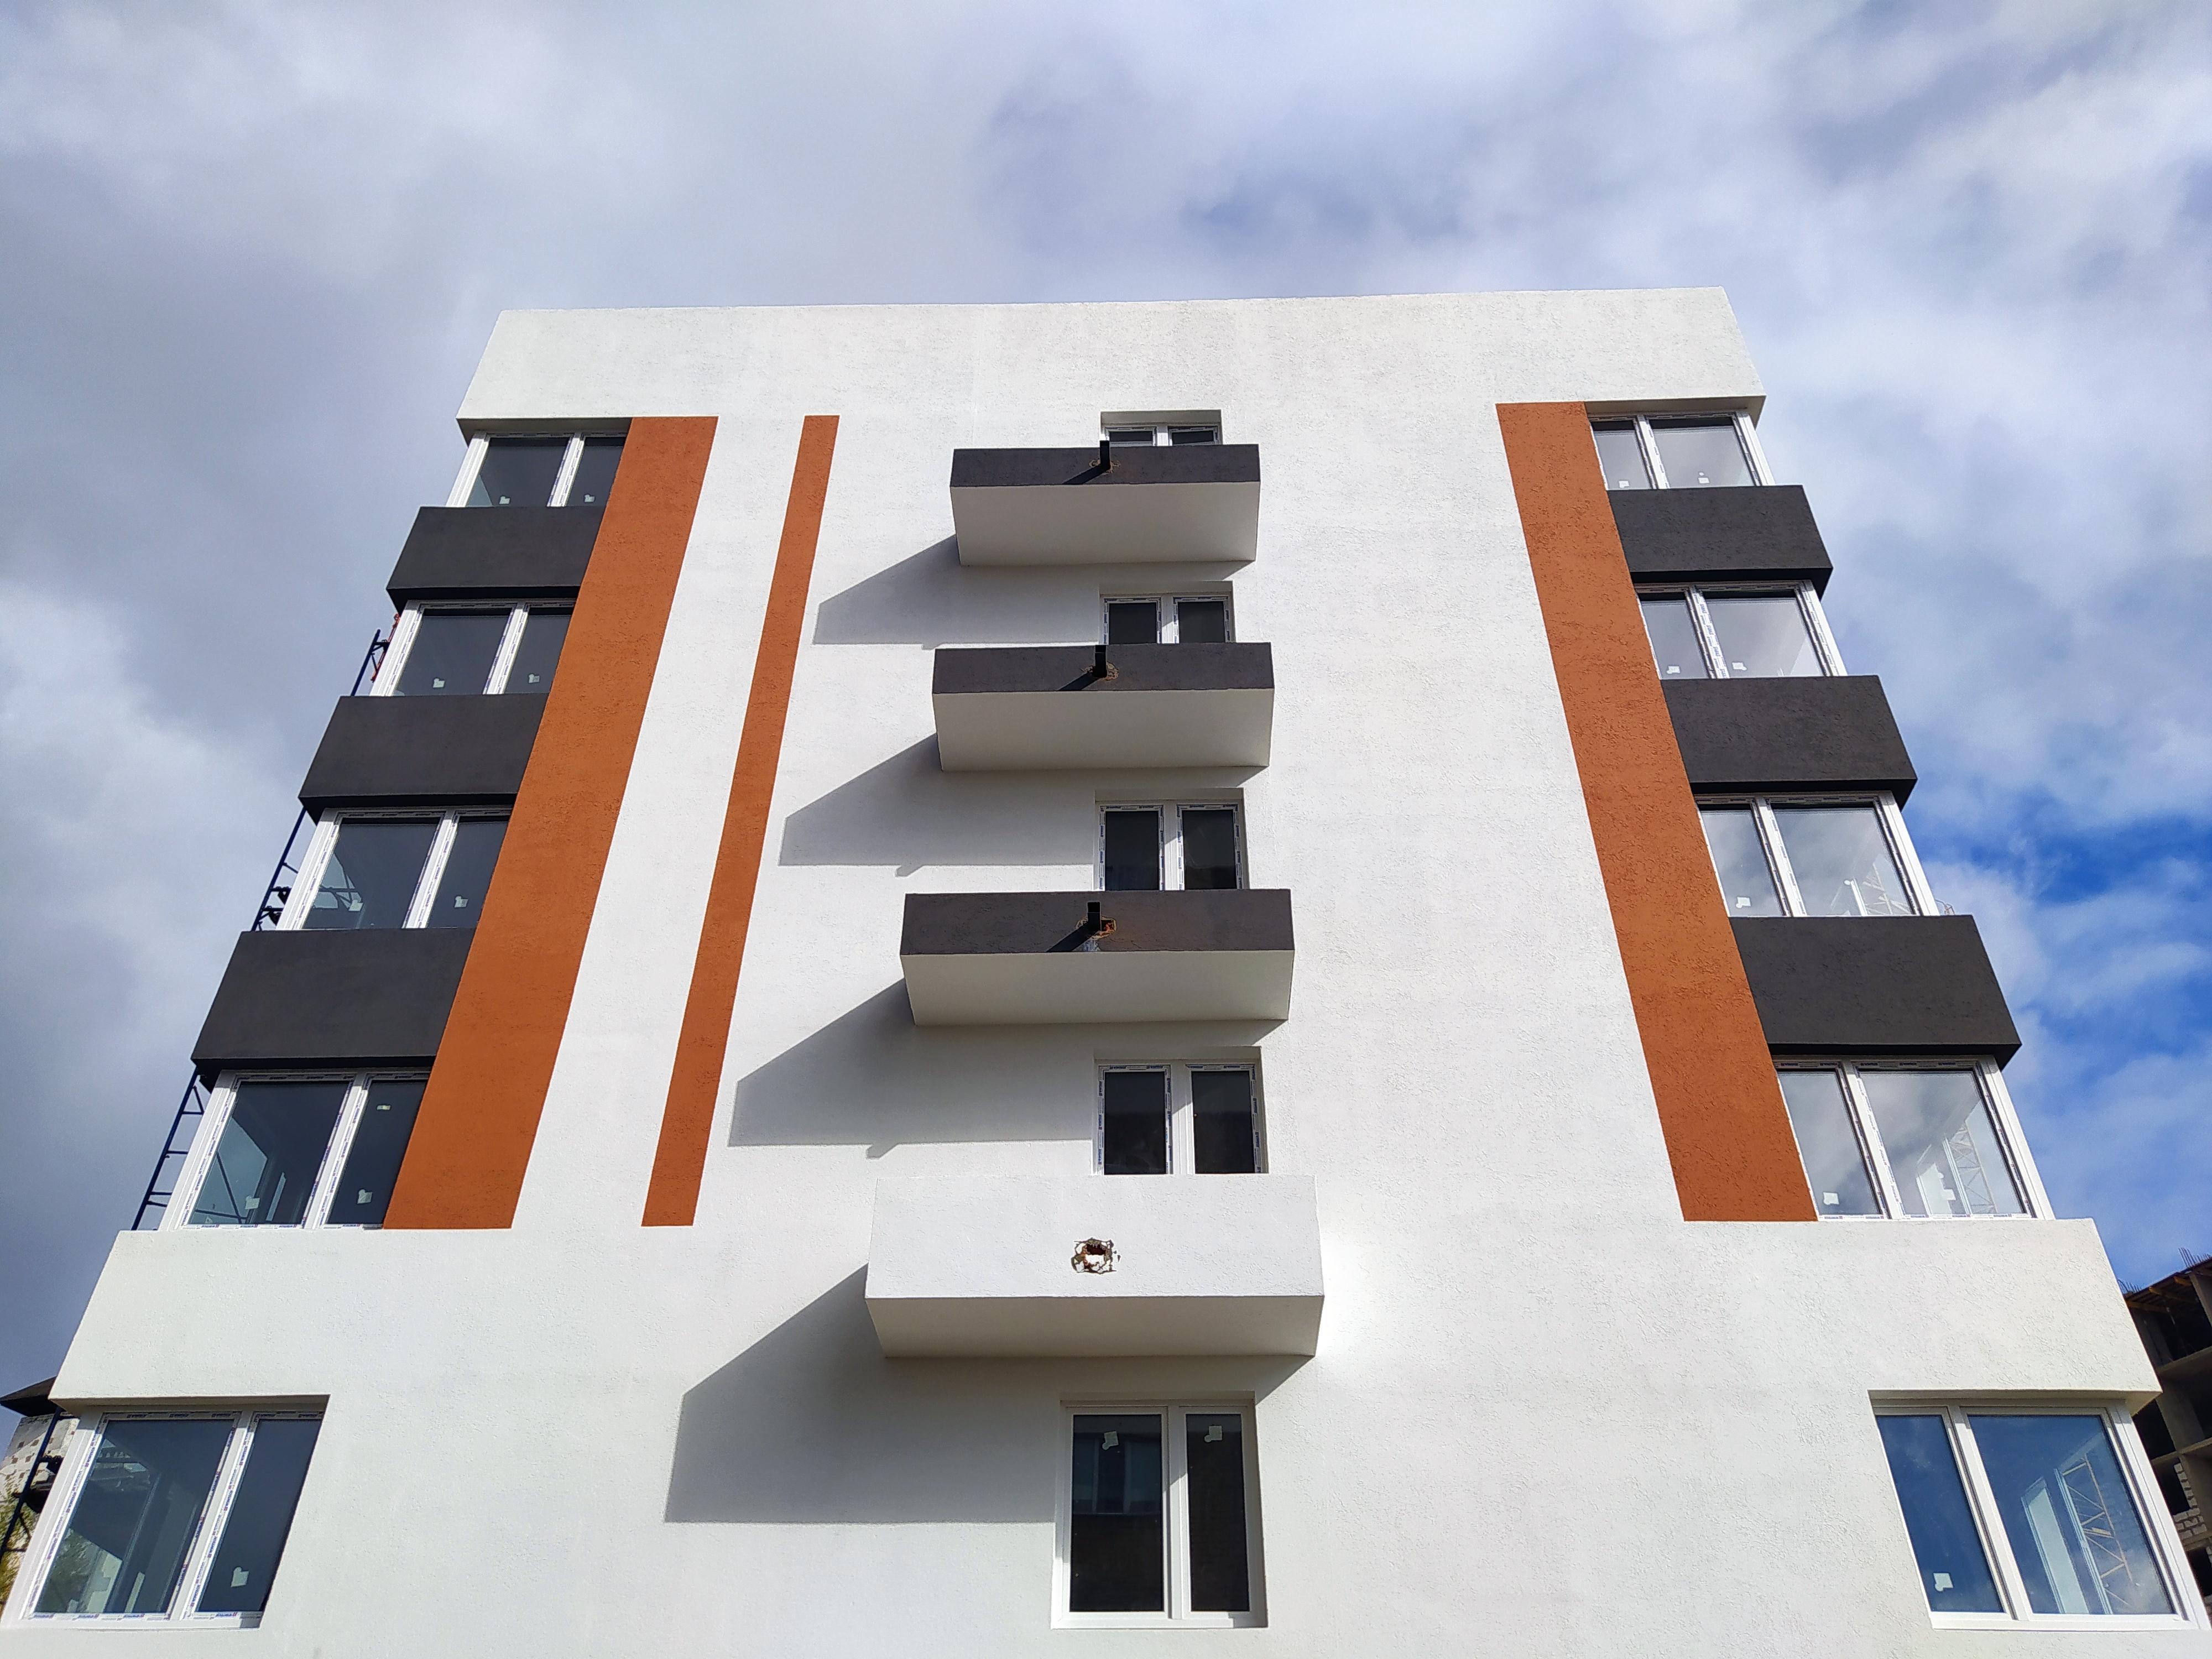 Как выбрать квартиру в новостройке и не пожалеть - фото 2